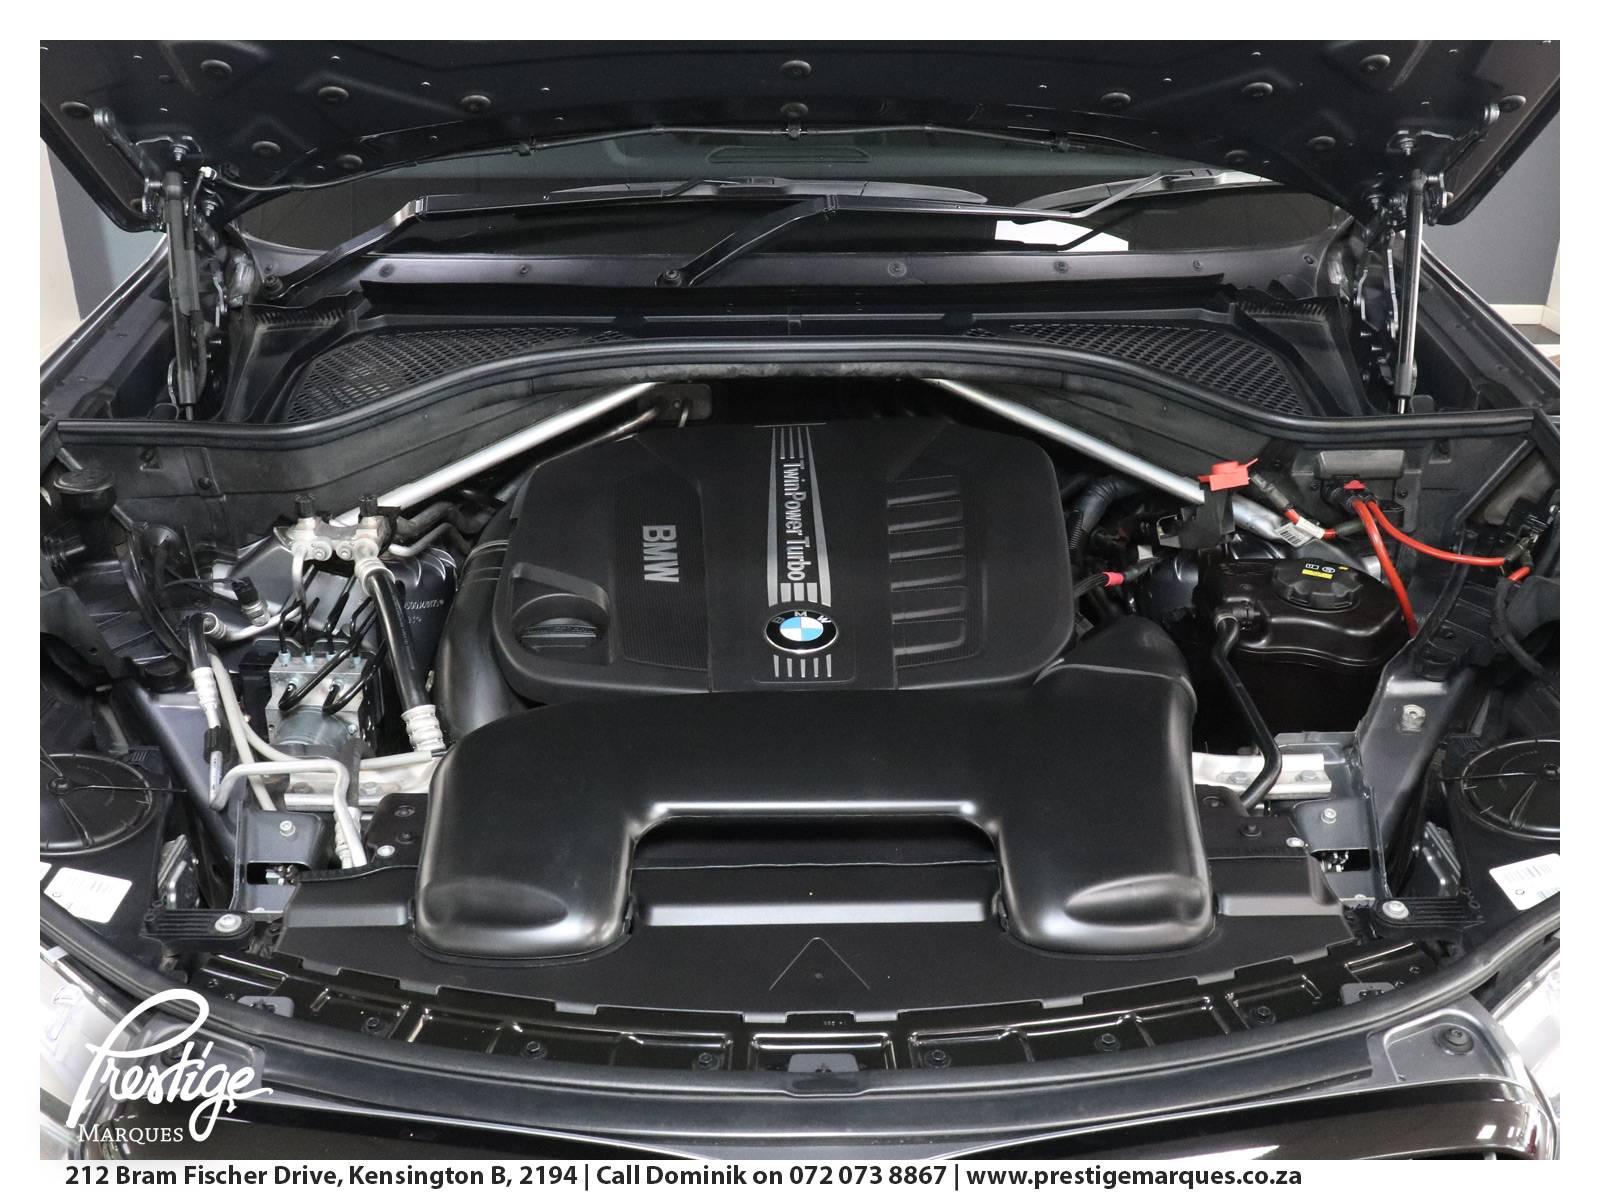 2015-BMW-X5-30d-M-Sport-X-drive-Prestige-Marques-8